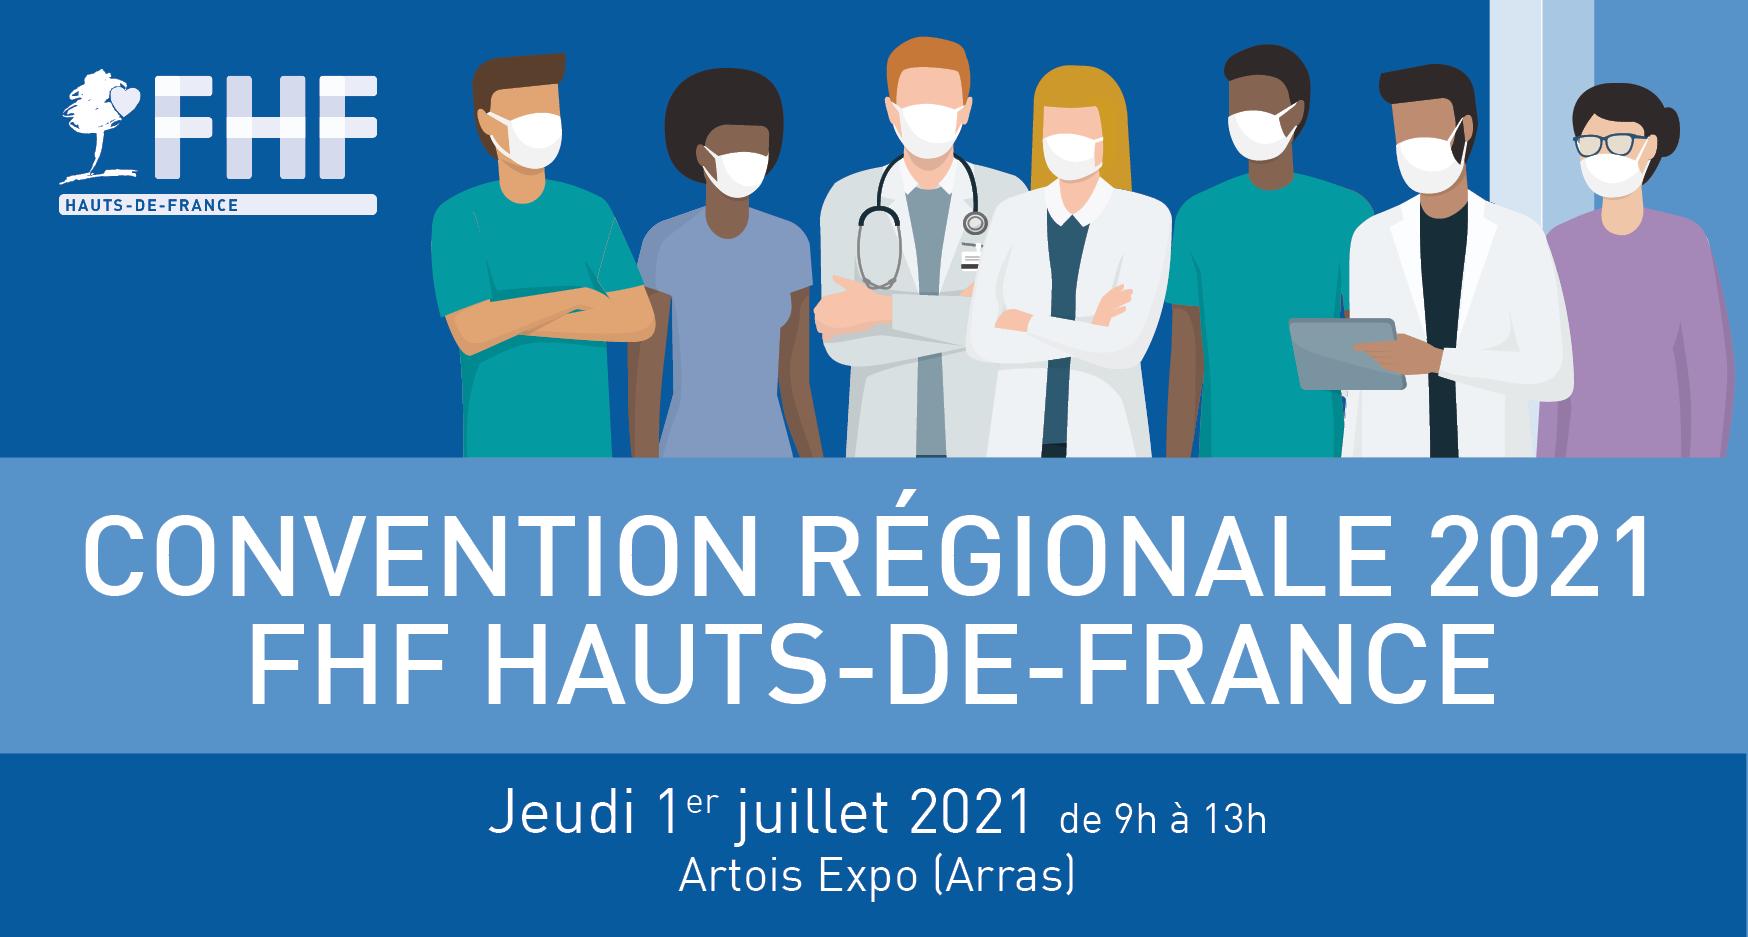 Convention régionale FHF Hauts-de-France – 1er juillet 2021